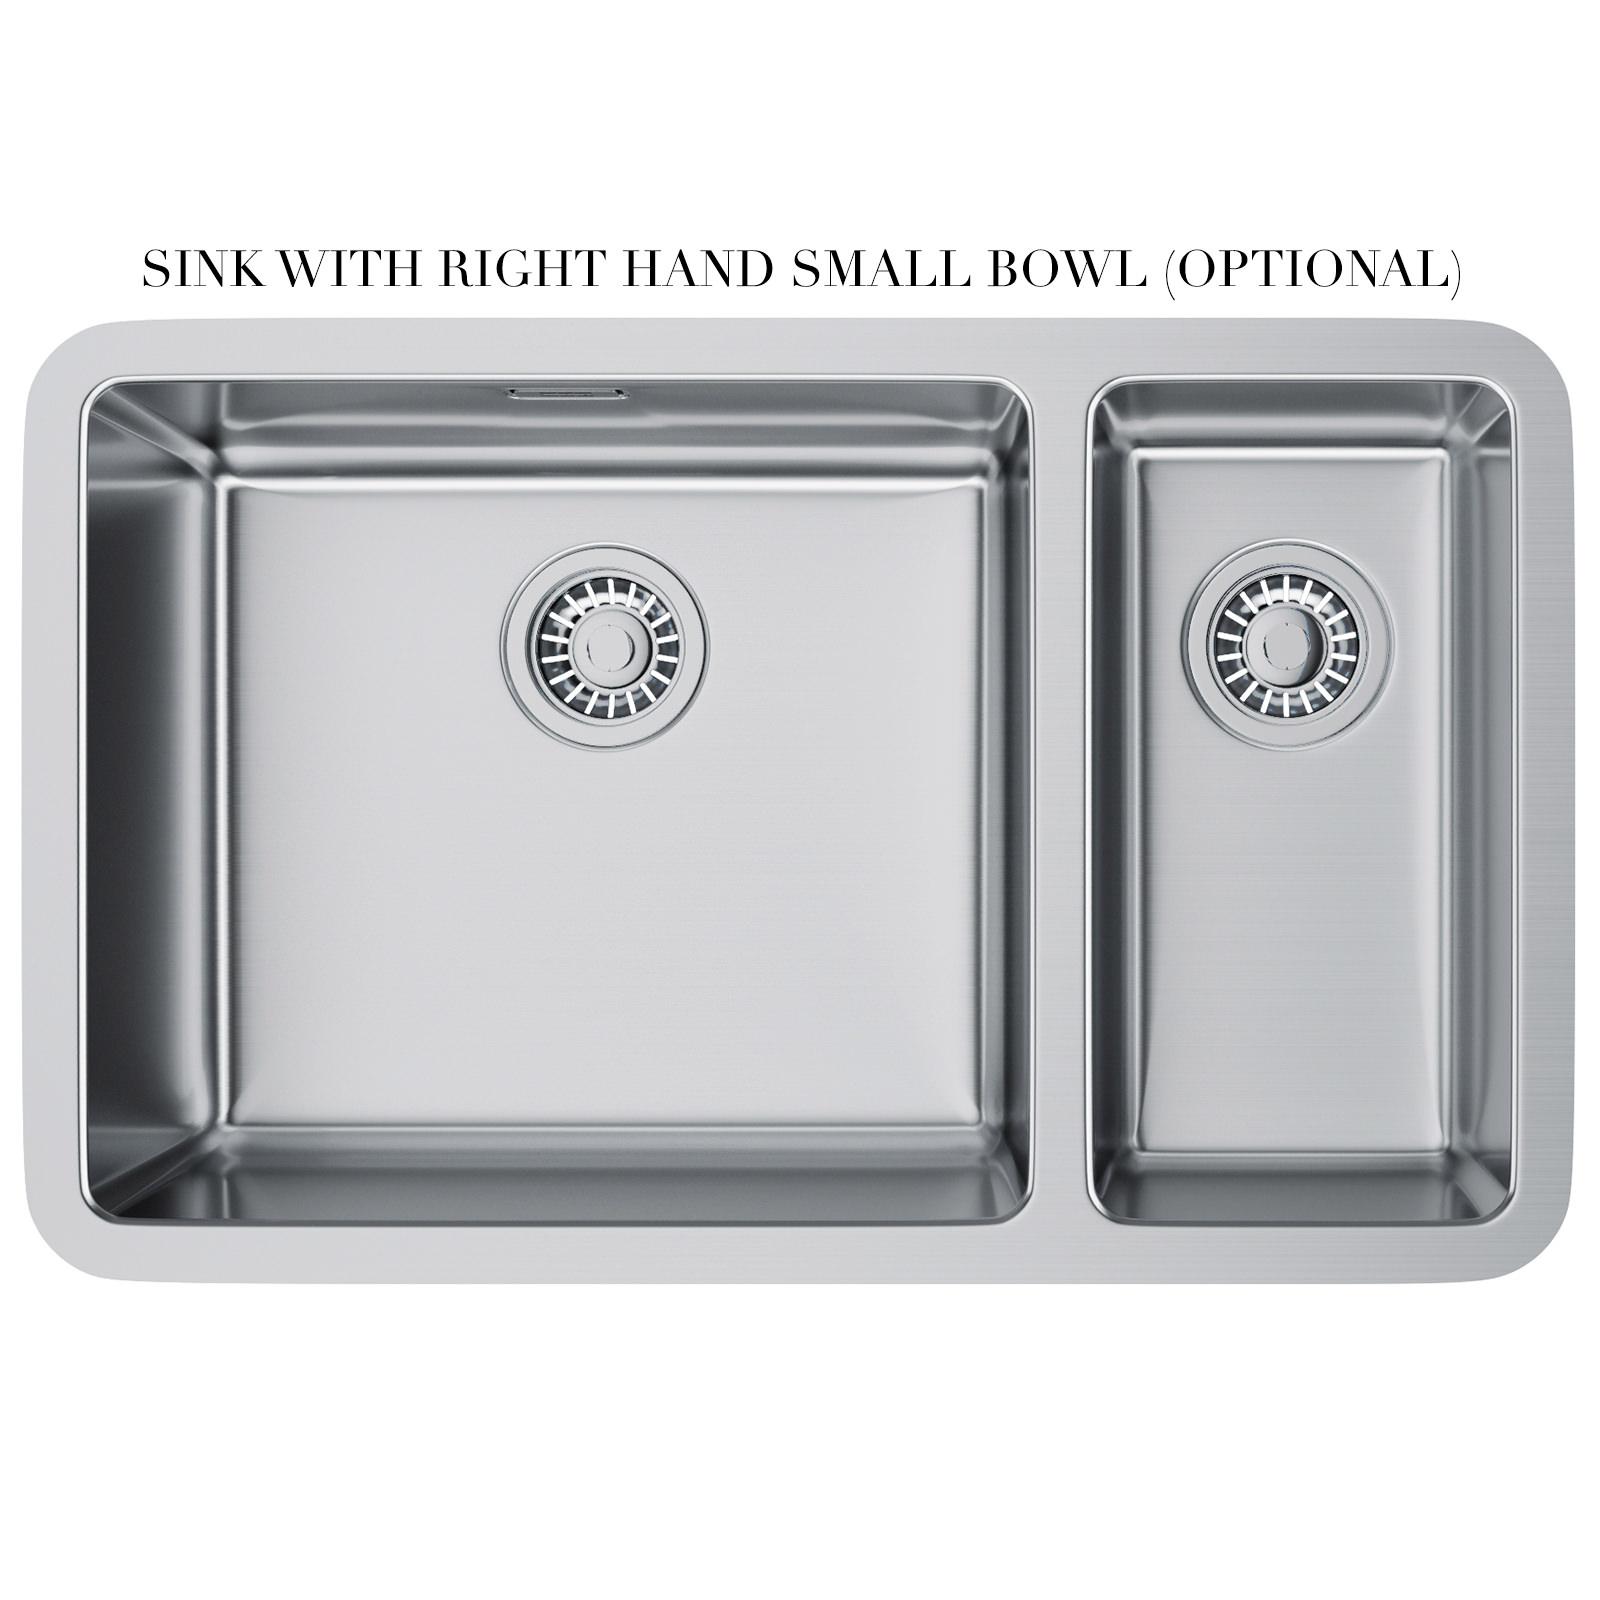 Franke Stainless Steel Undermount Kitchen Sinks : Franke Kubus KBX 160 45-20 Stainless Steel Undermount Kitchen Sink ...